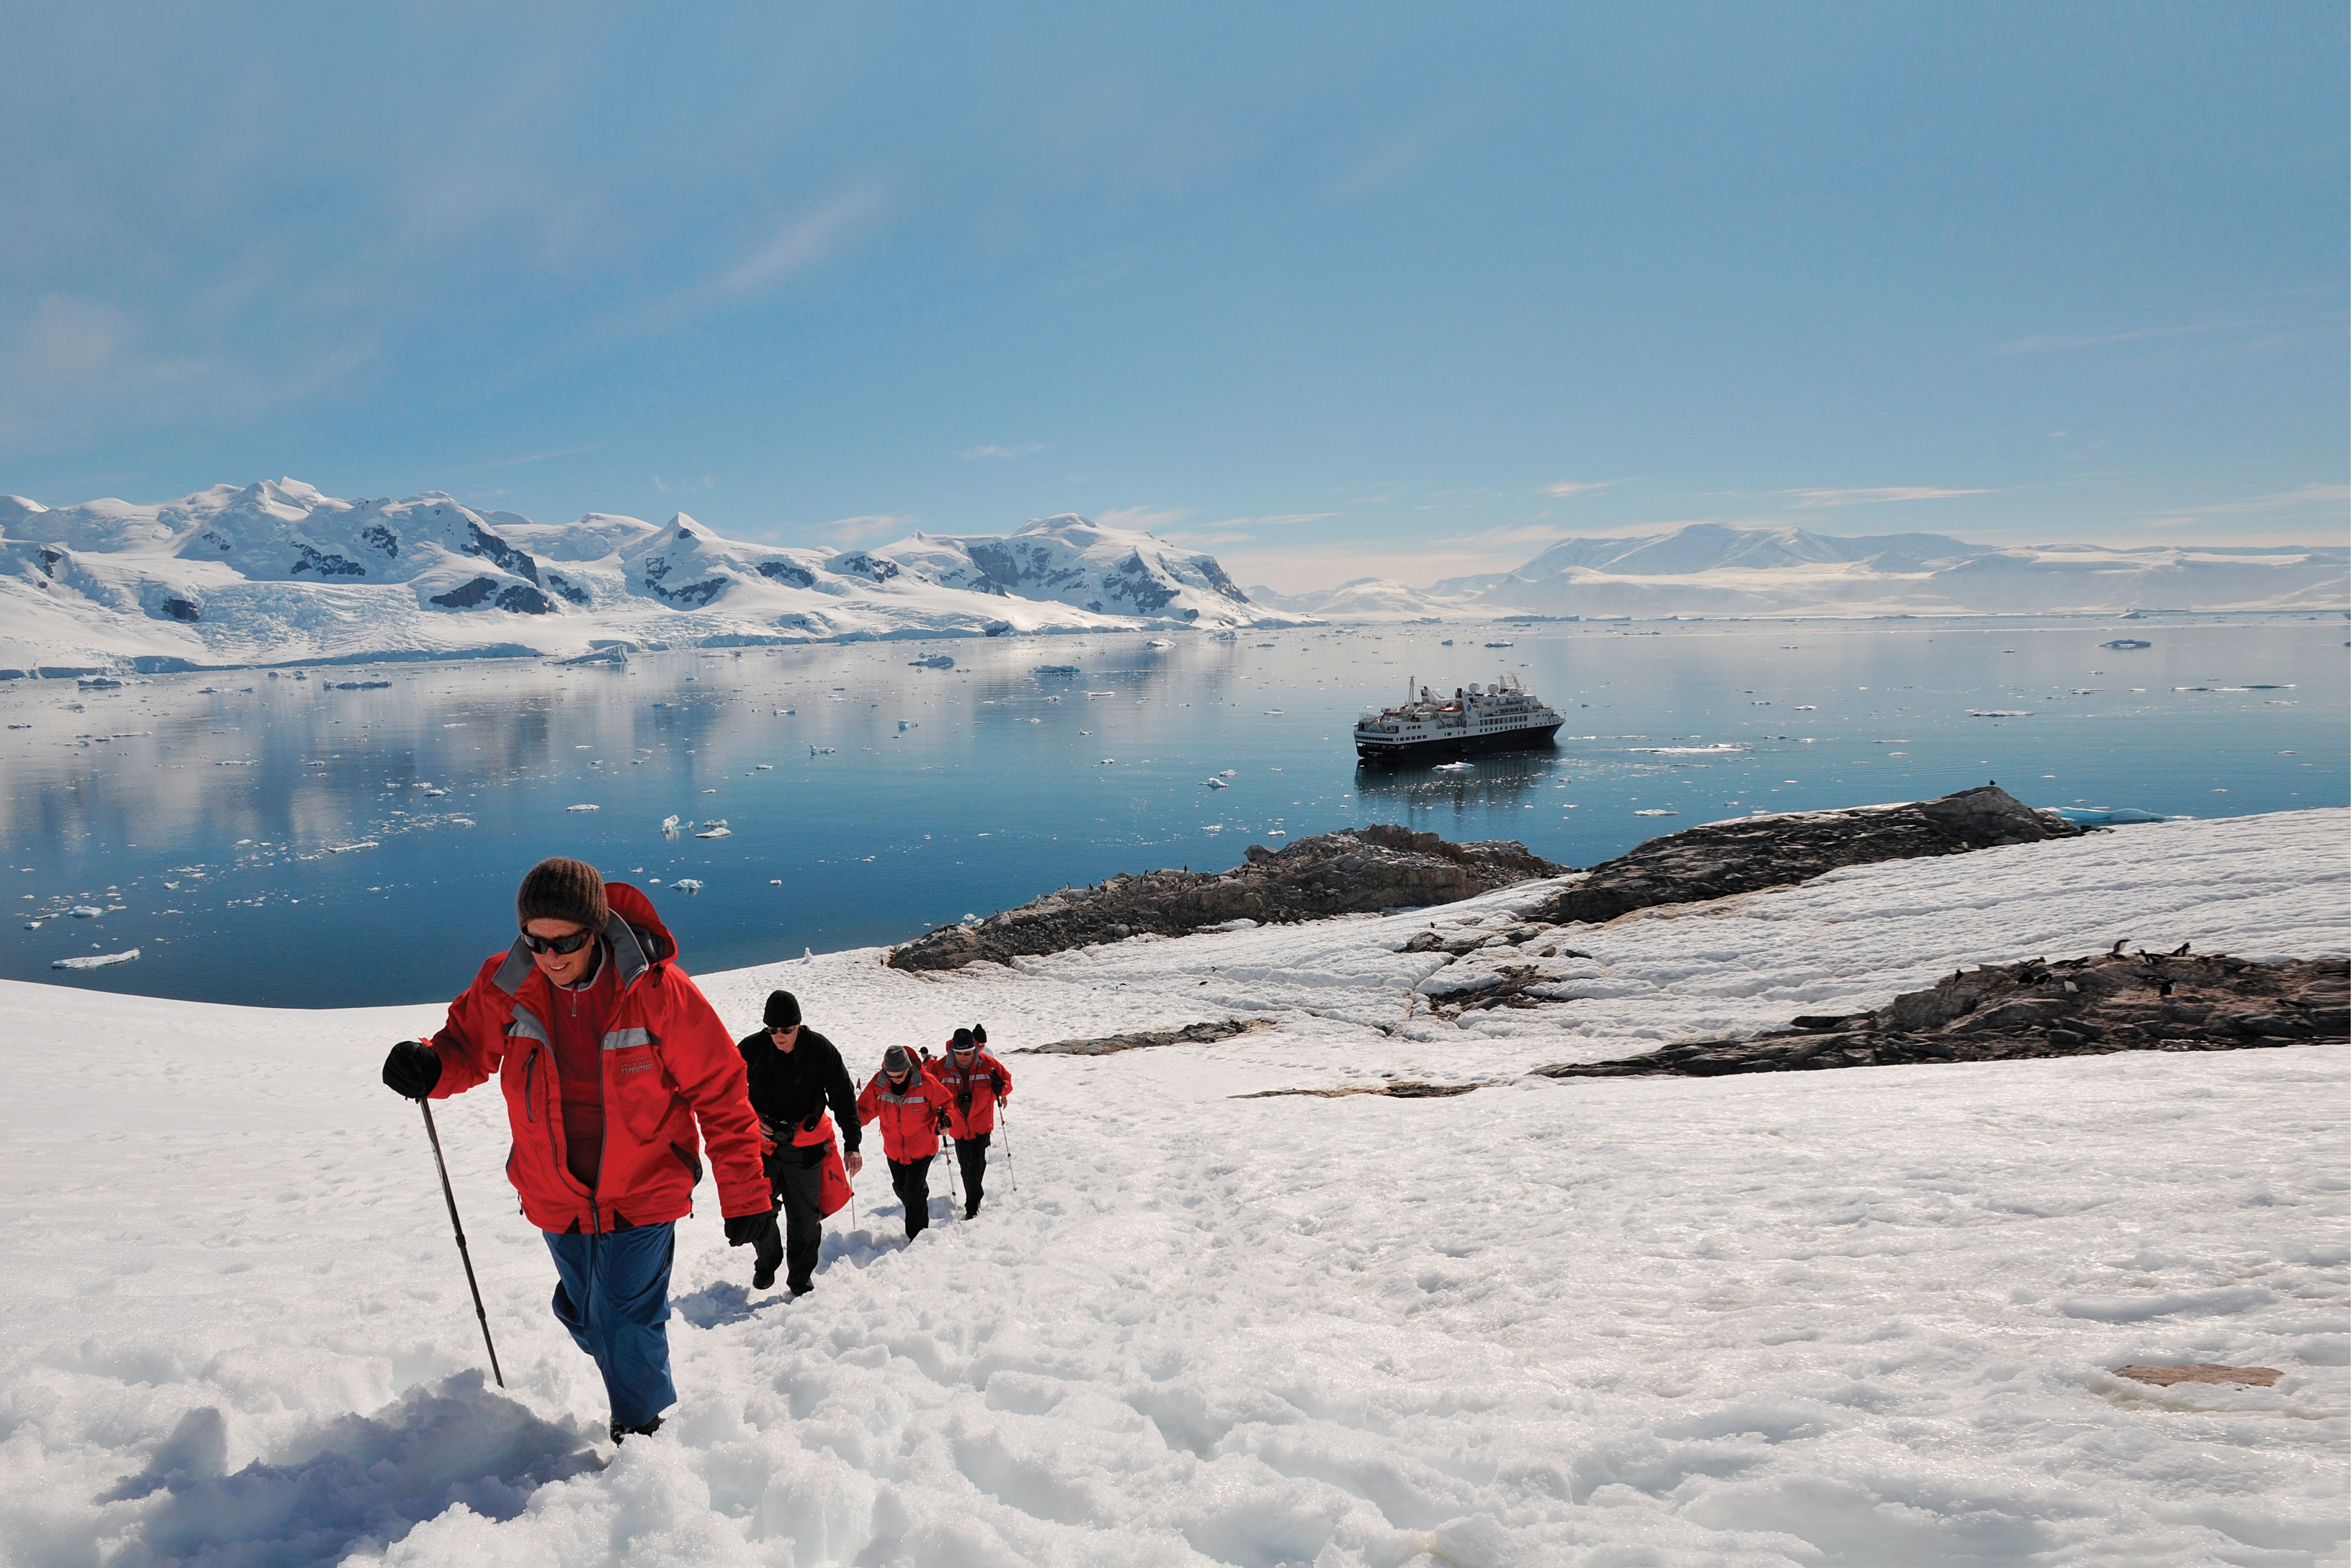 Silver Explorer - Going ashore in Antarctica